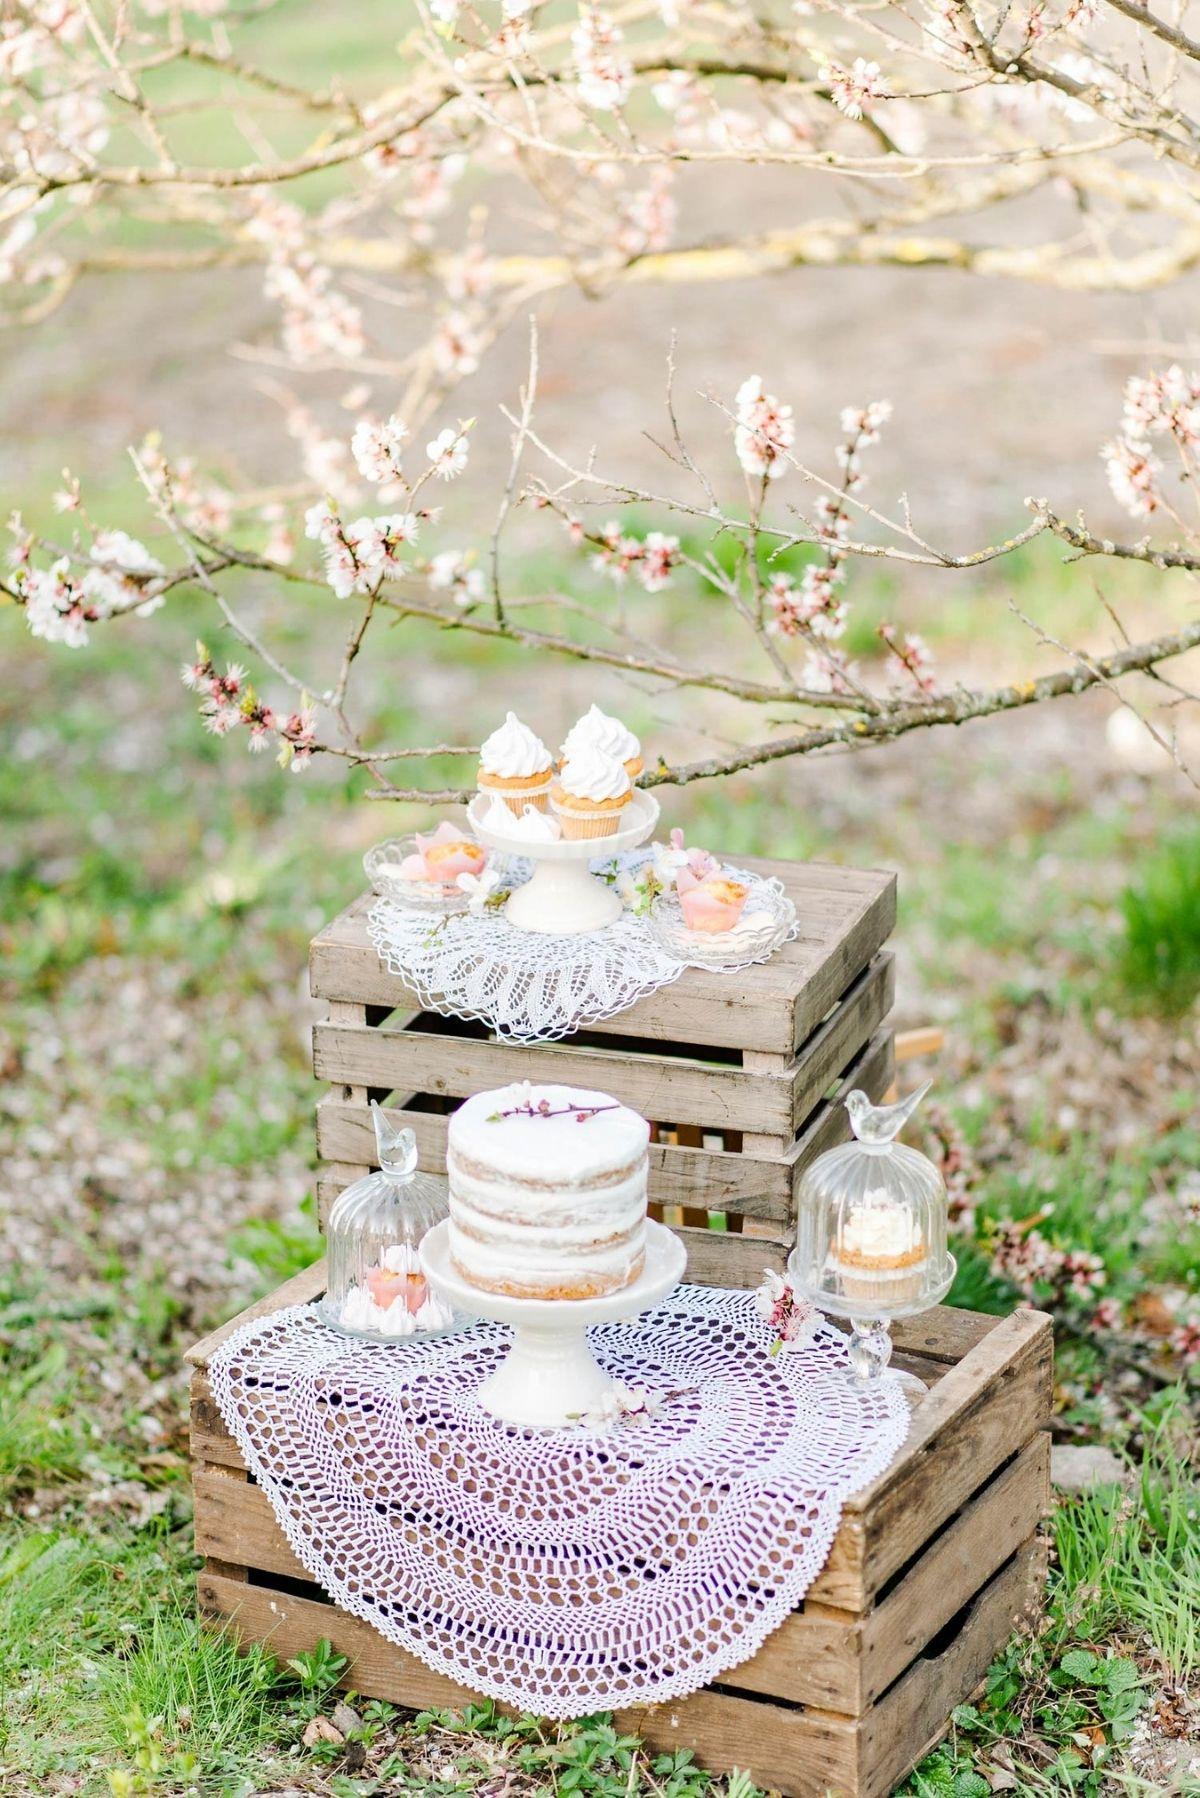 Verlobung, Hochzeitstag oder Elopement unter Kirschblüten im Frühling